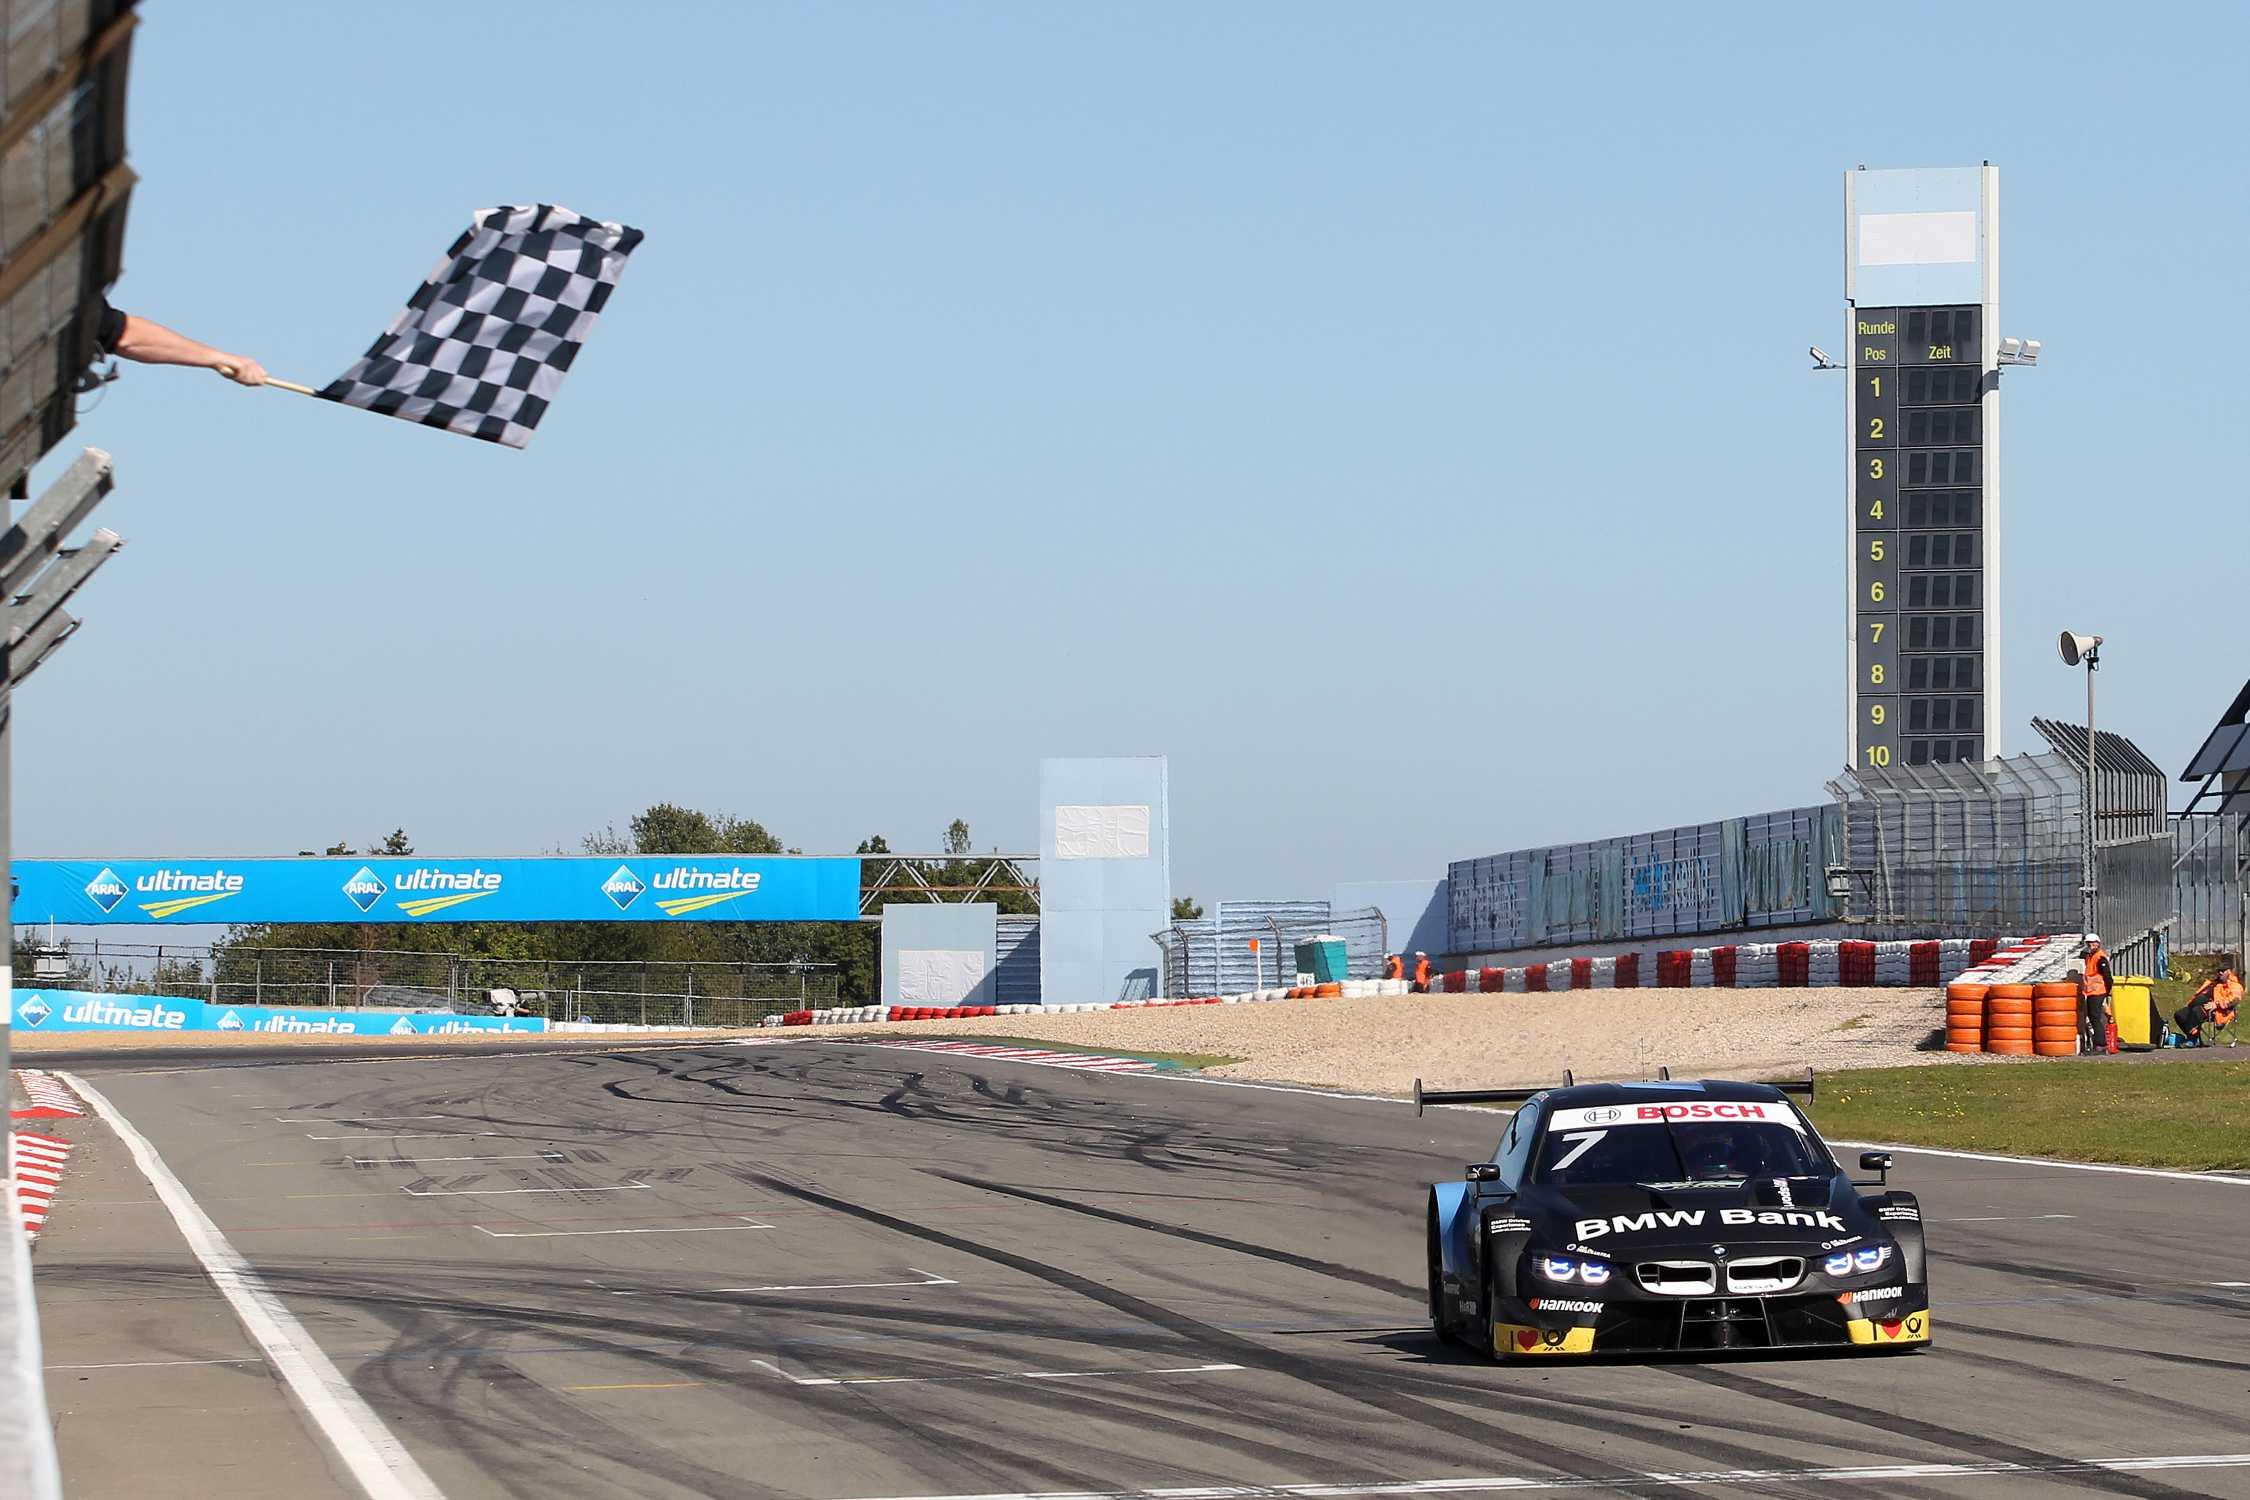 P nuerburgring ger 14th september 2019 bmw m motorsport dtm rounds 15 16 2nd place driver bruno speng 2250px